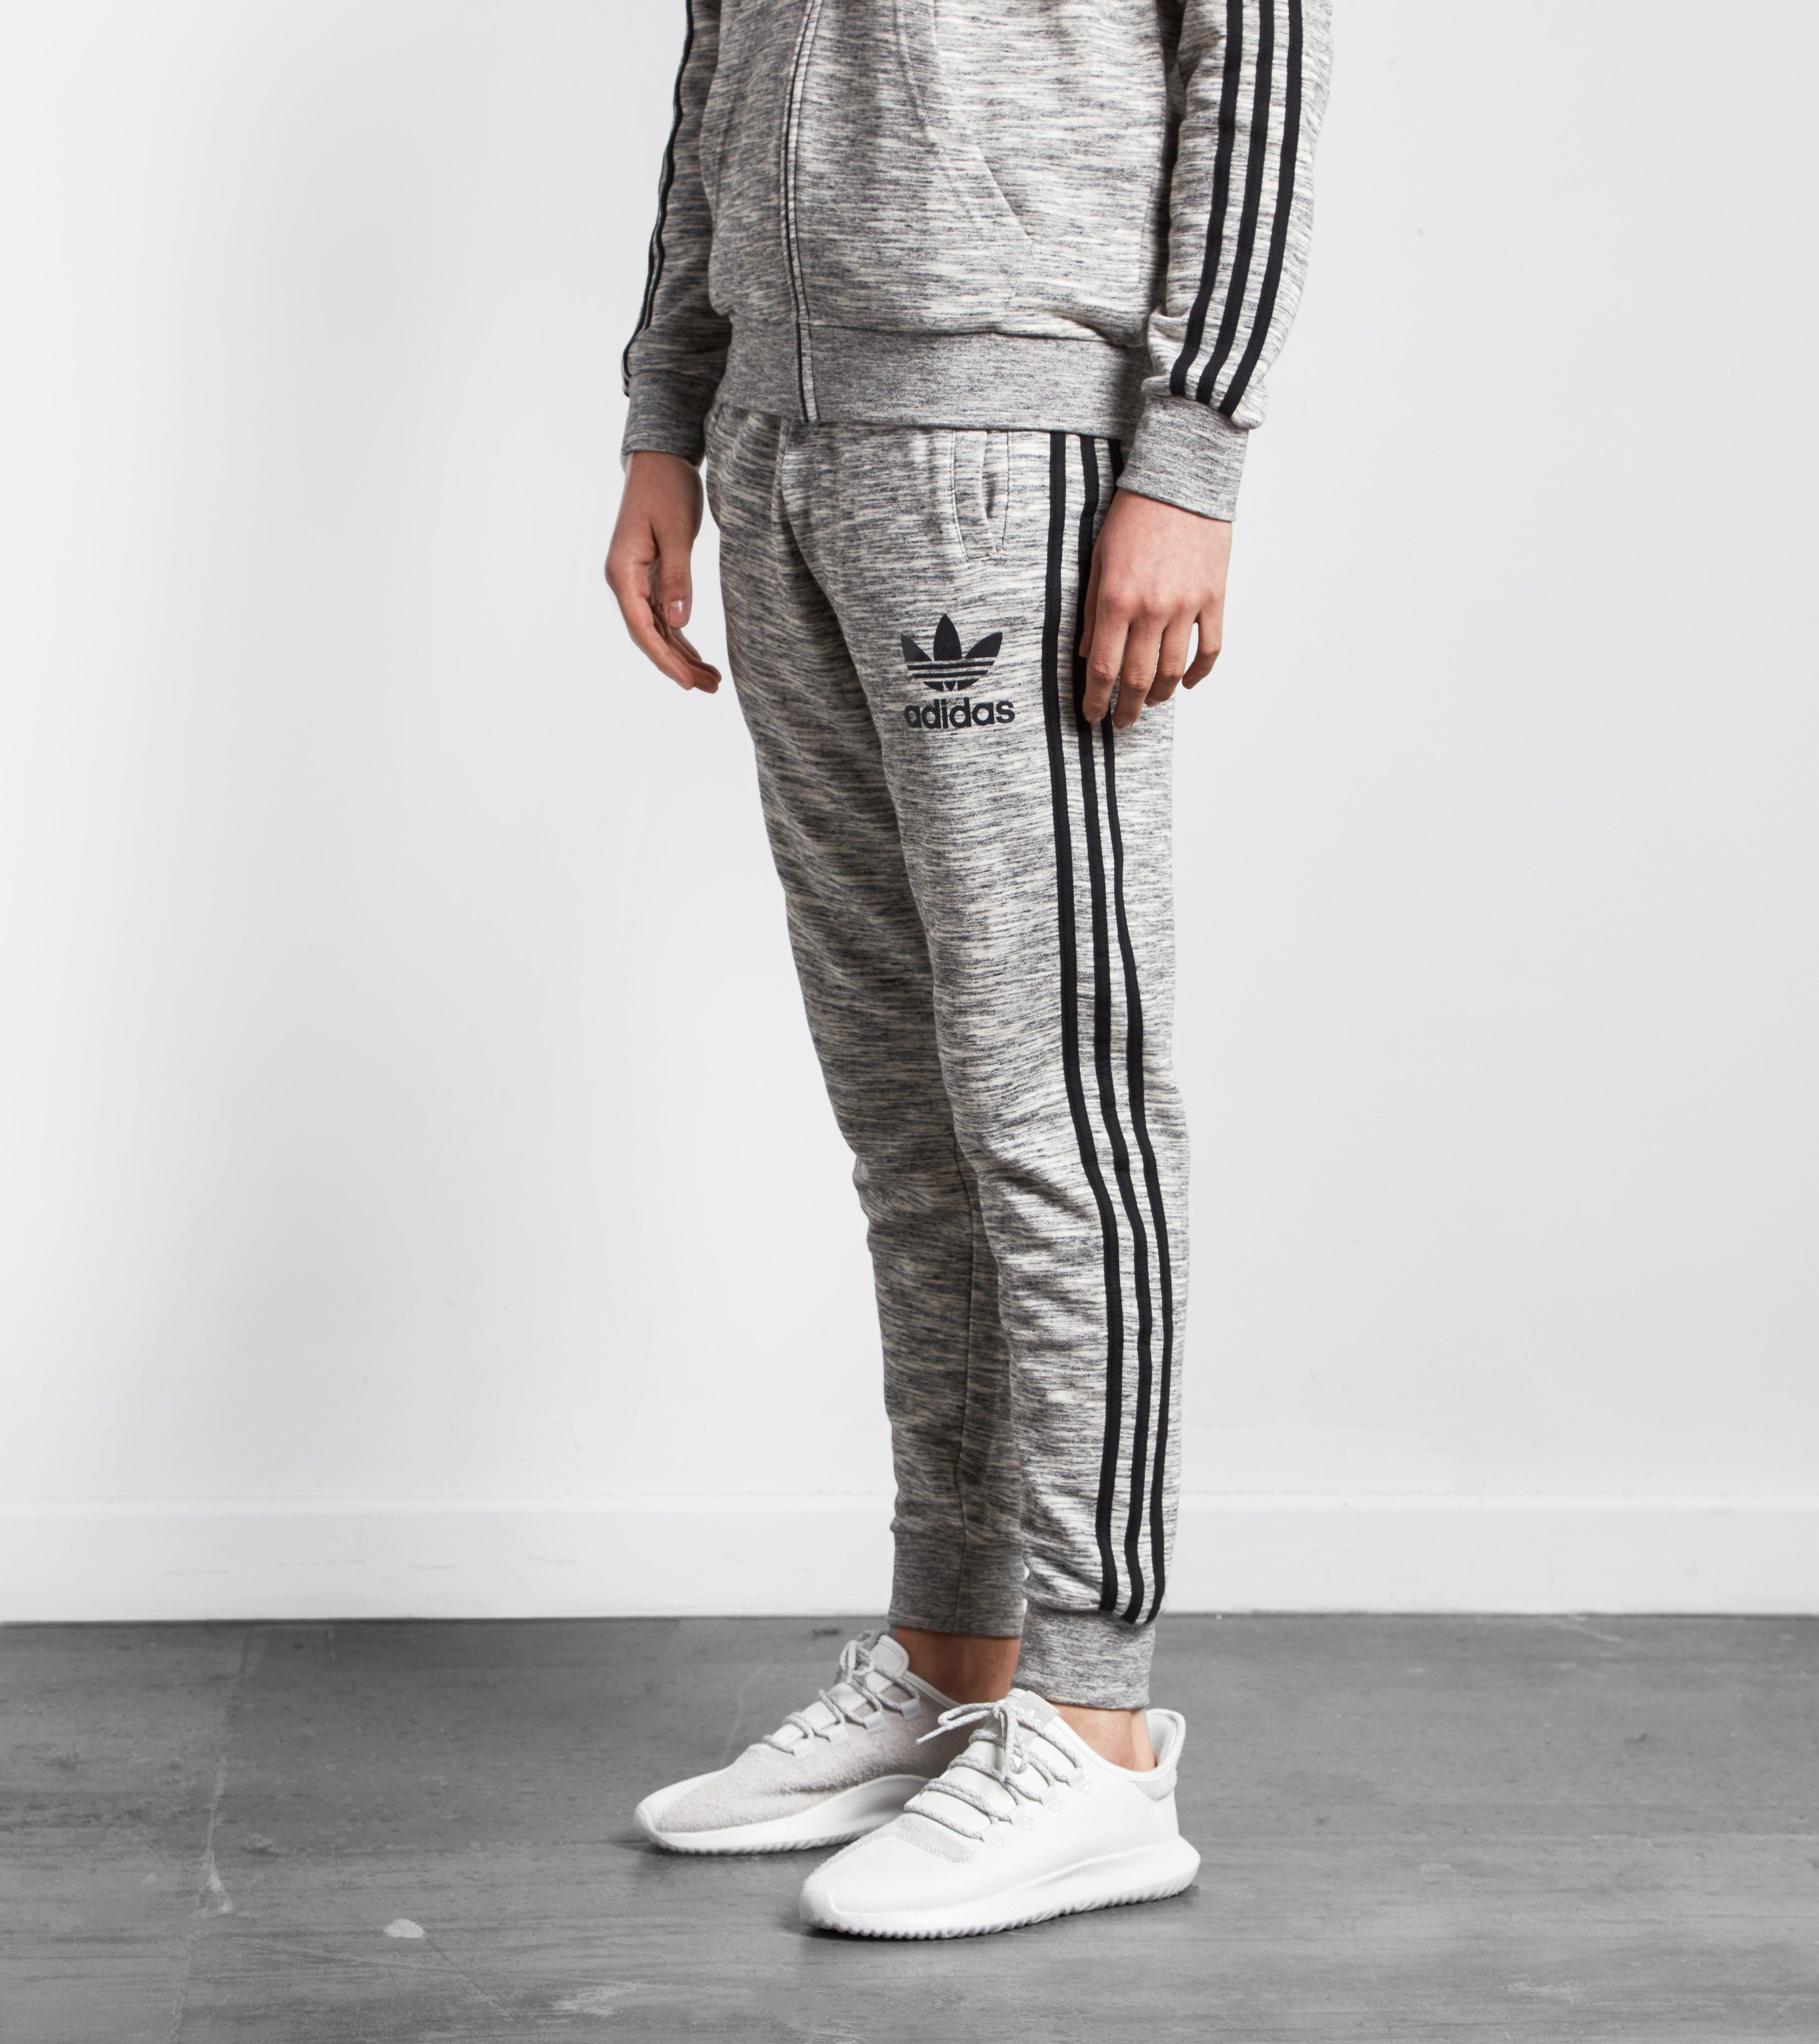 d61a08f791 adidas Originals California Cuff Track Pants | Size?